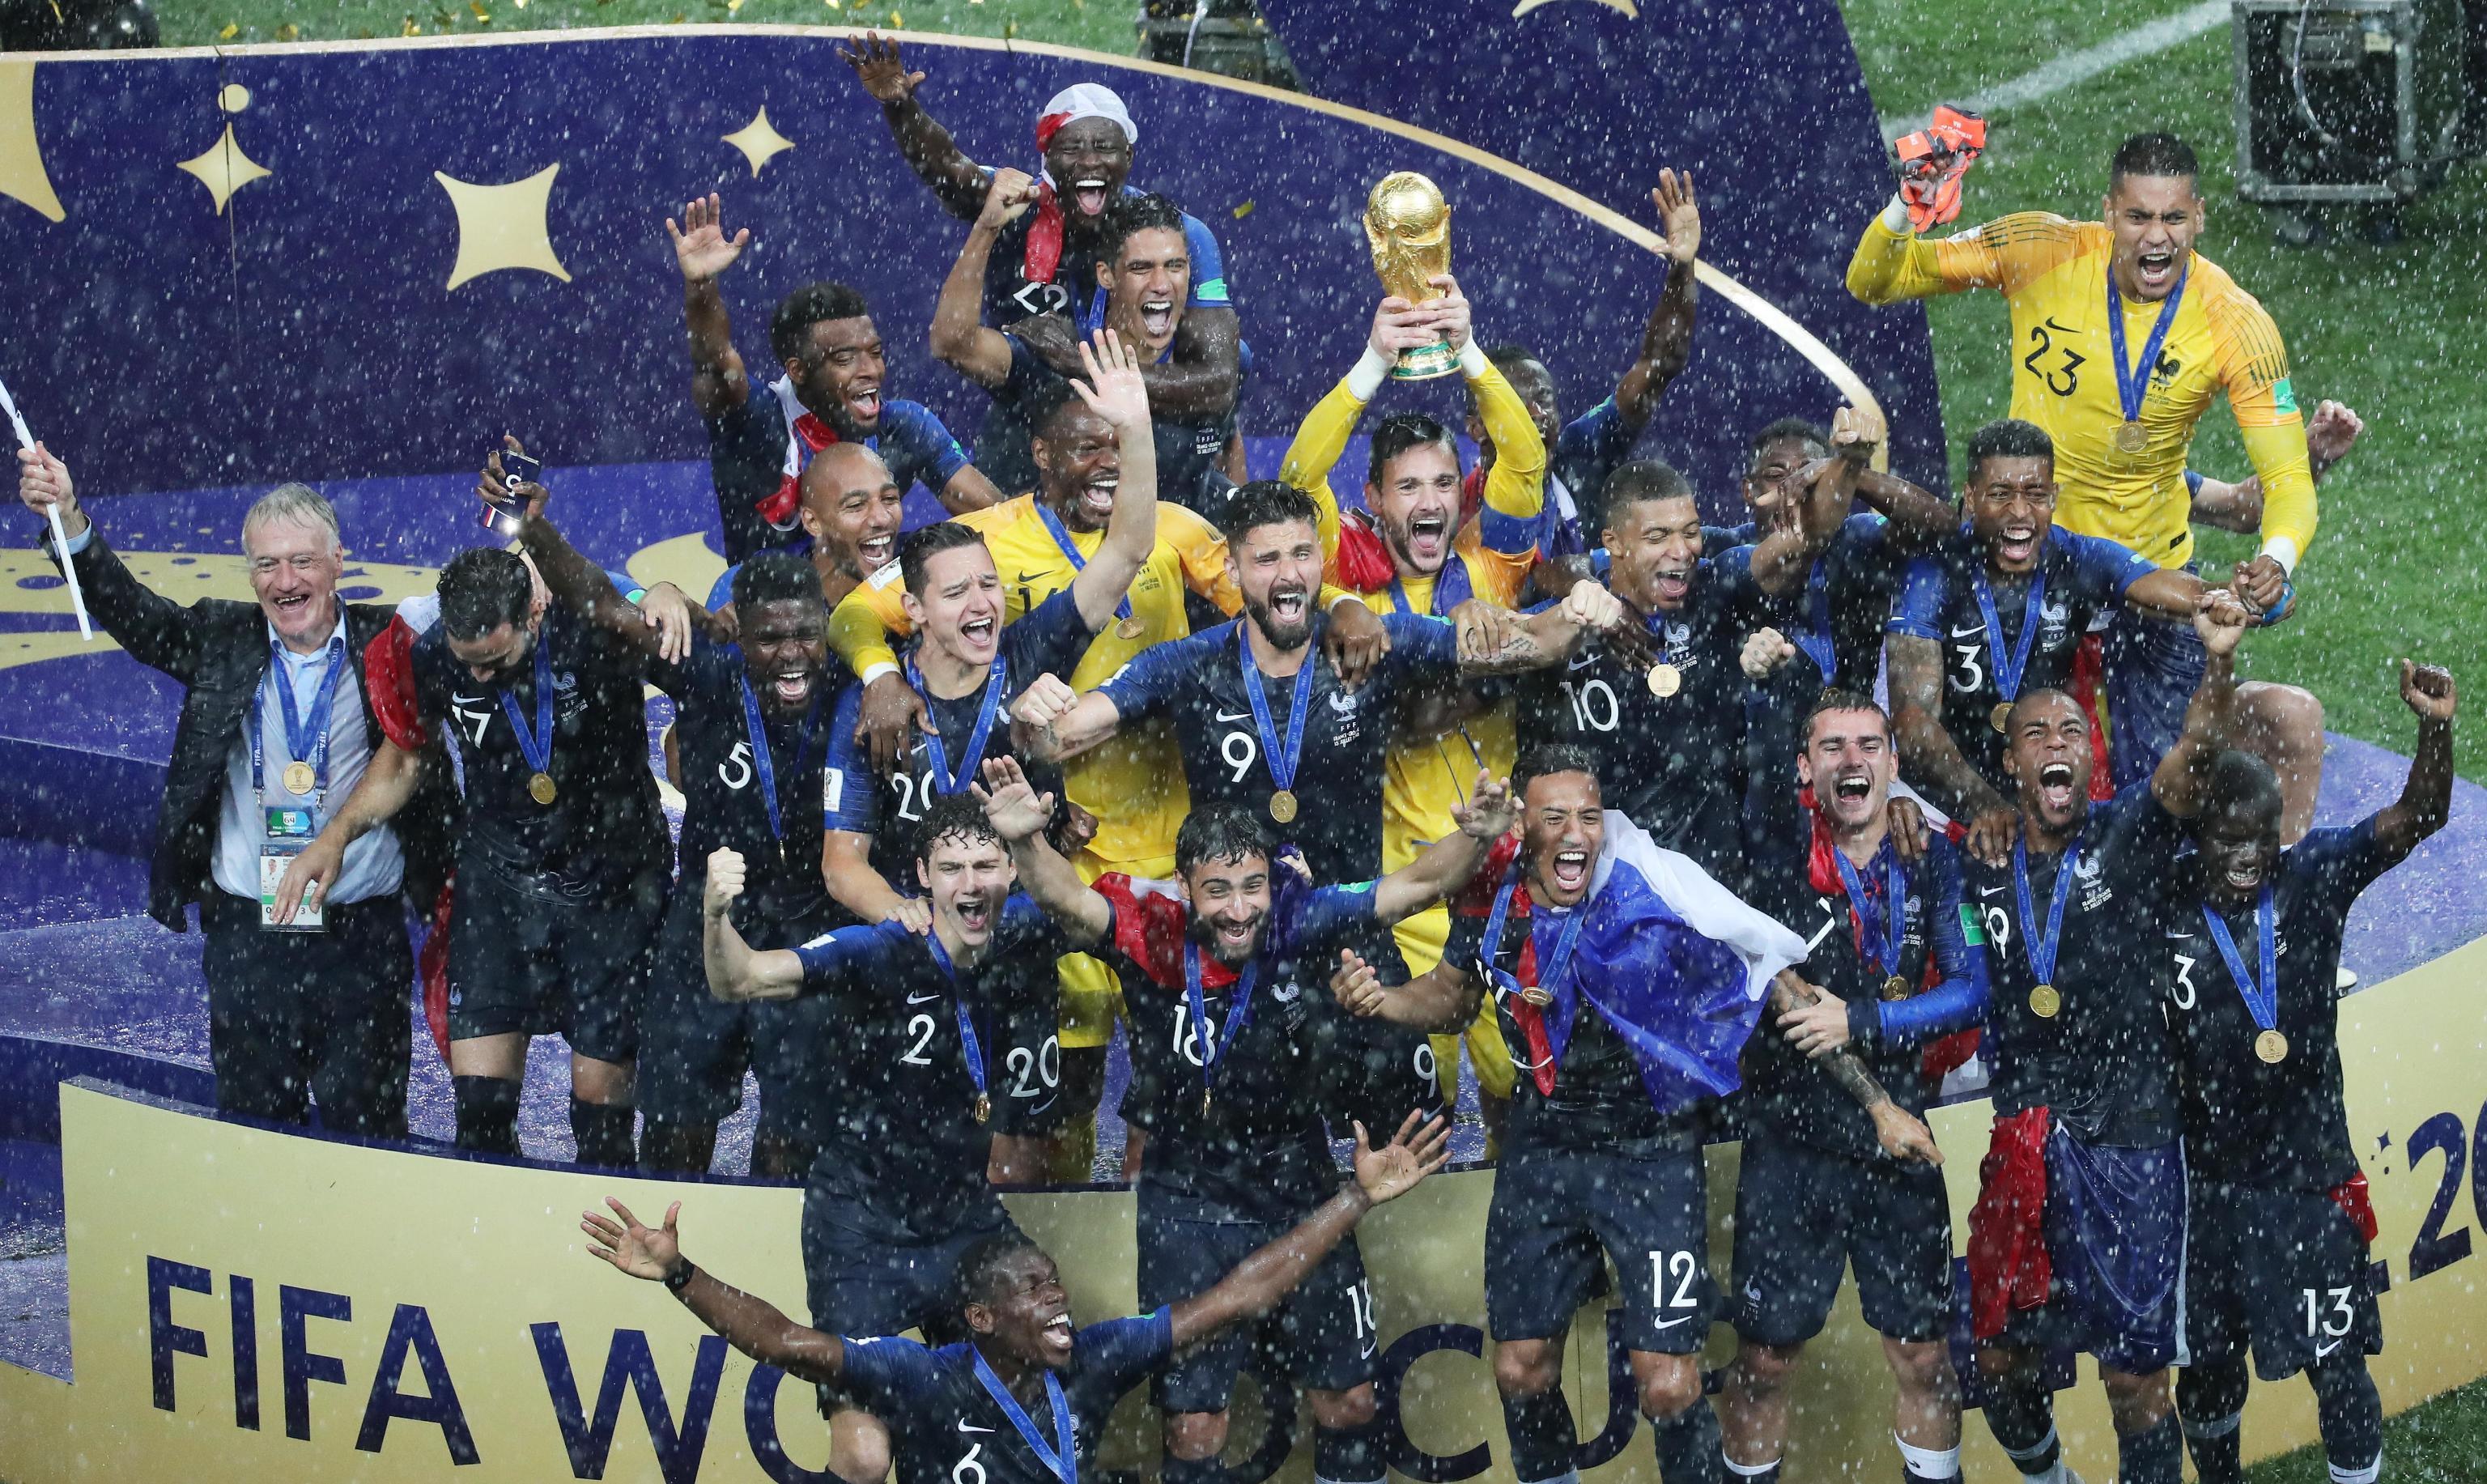 """Mondiali 2018: Francia """"fortunata"""" e vincente, onore agli sconfitti, tante le deluse di questa rassegna"""